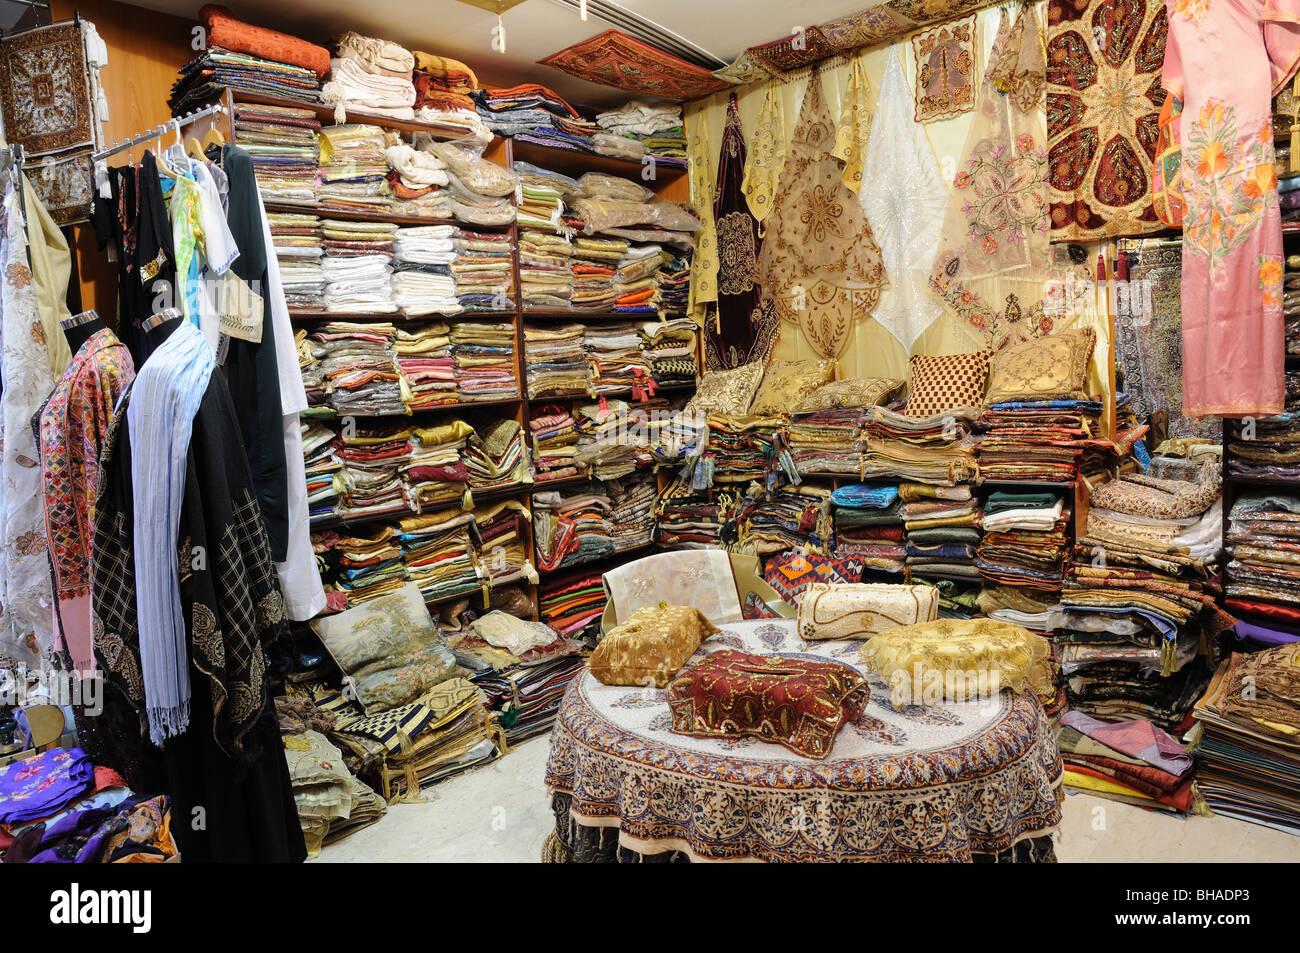 Deira Dubai Clothes Stock Photos & Deira Dubai Clothes Stock